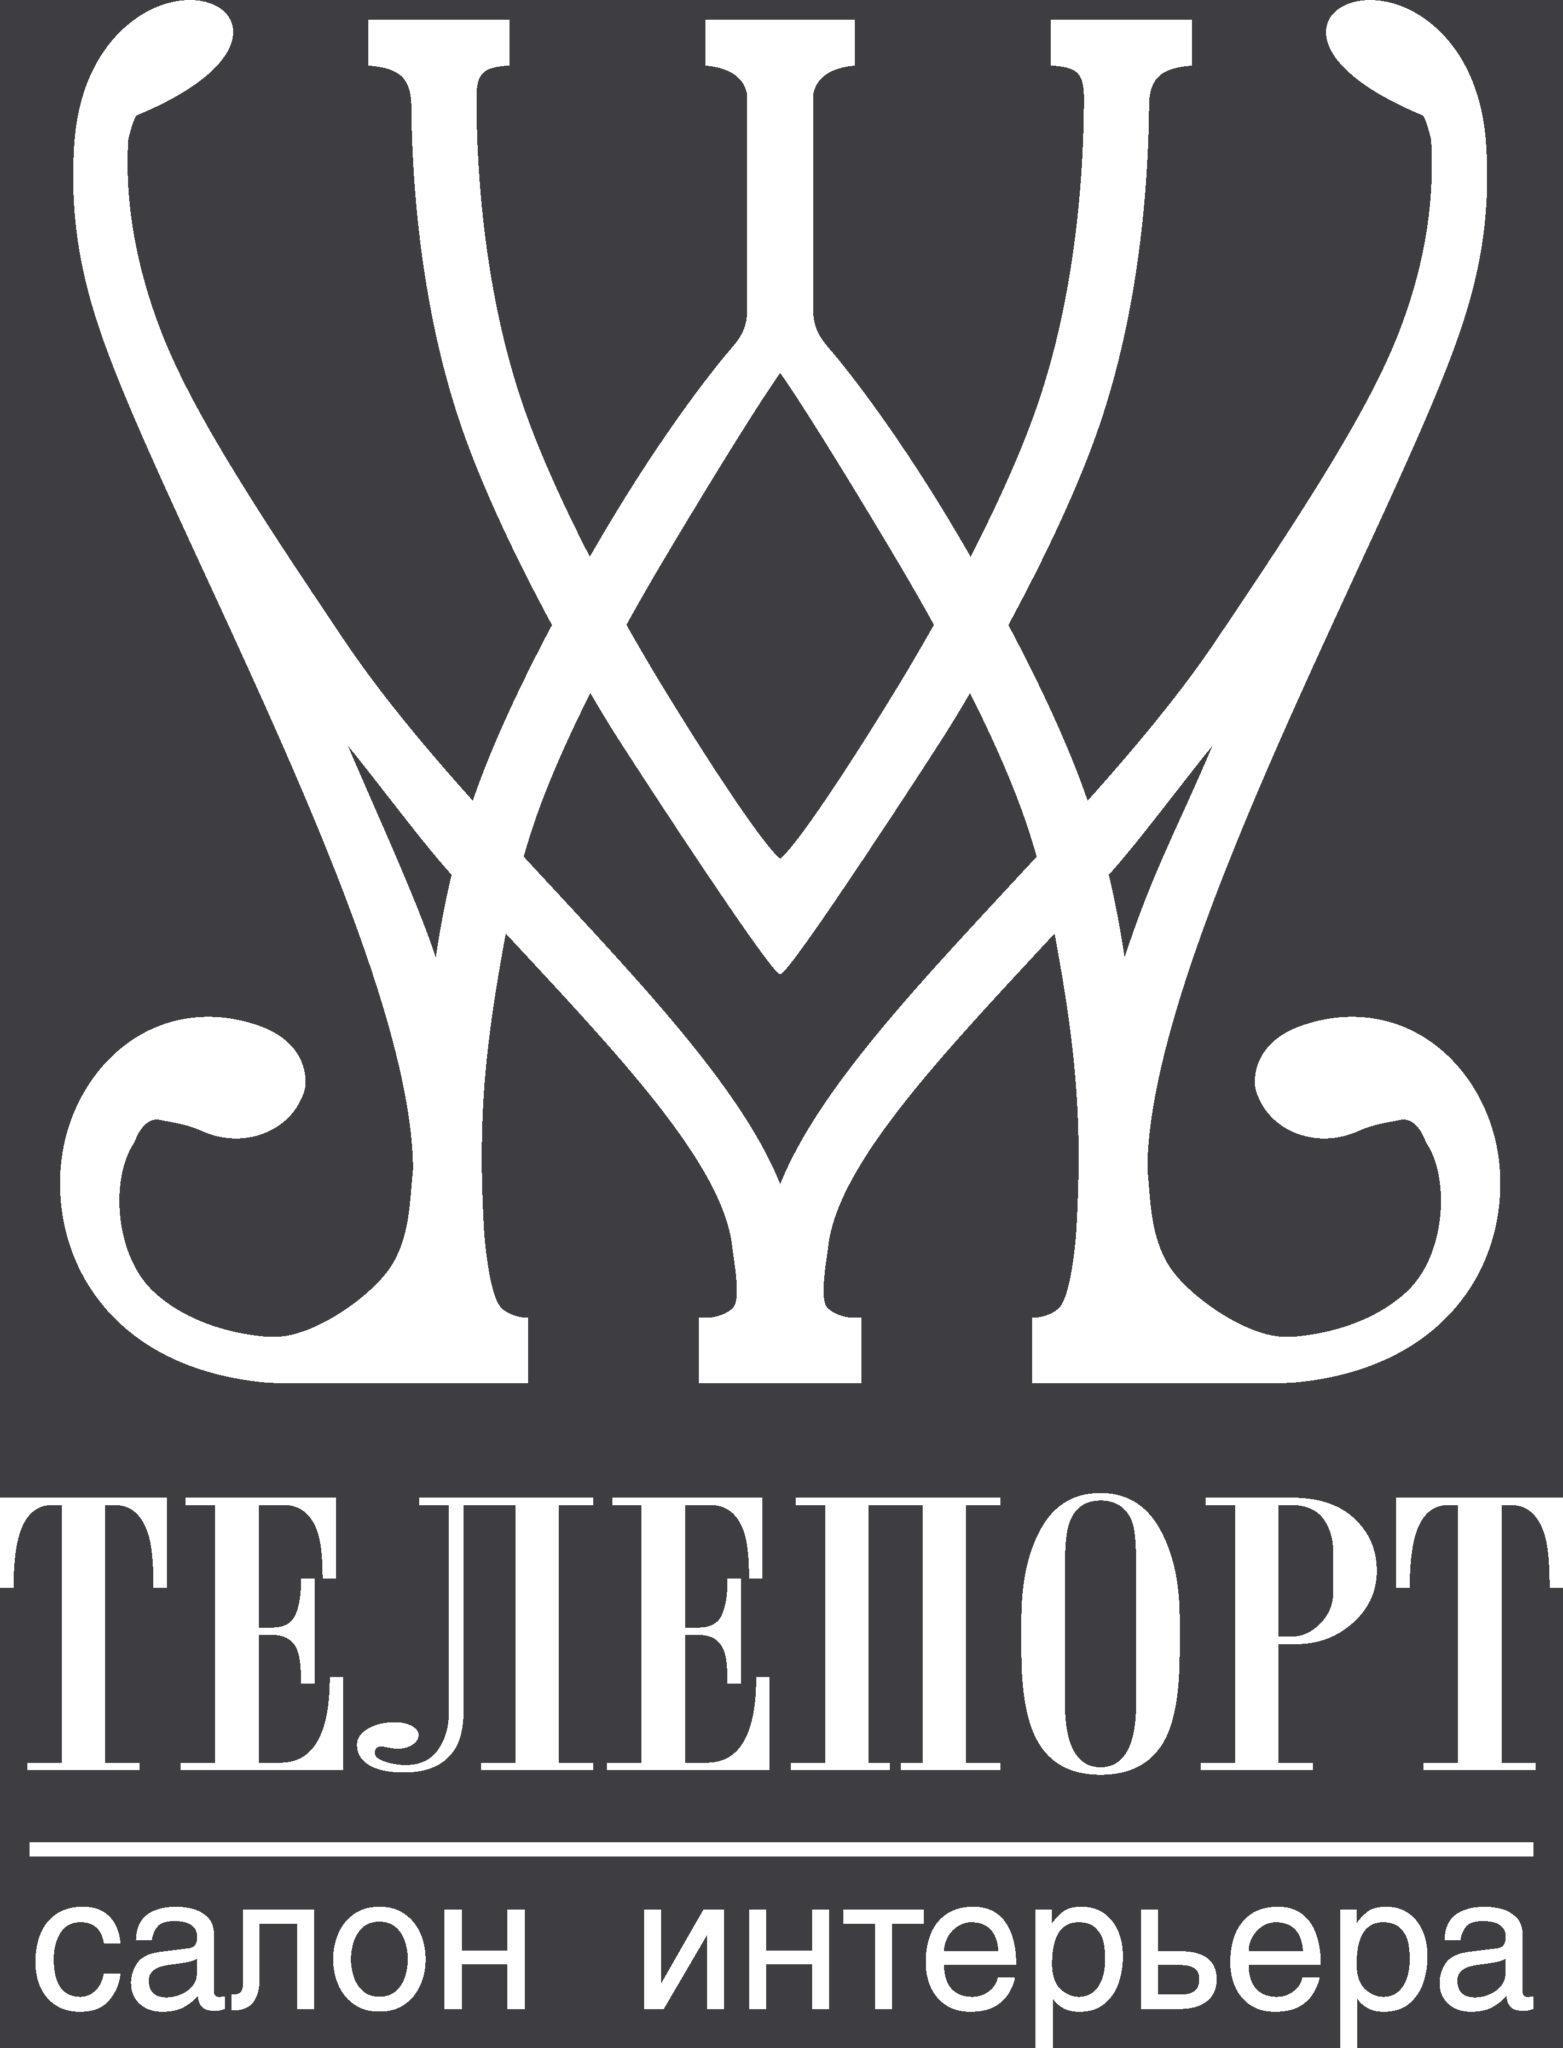 Телепорт, салон интерьера – купить качественную дорогую мебель в Саратове